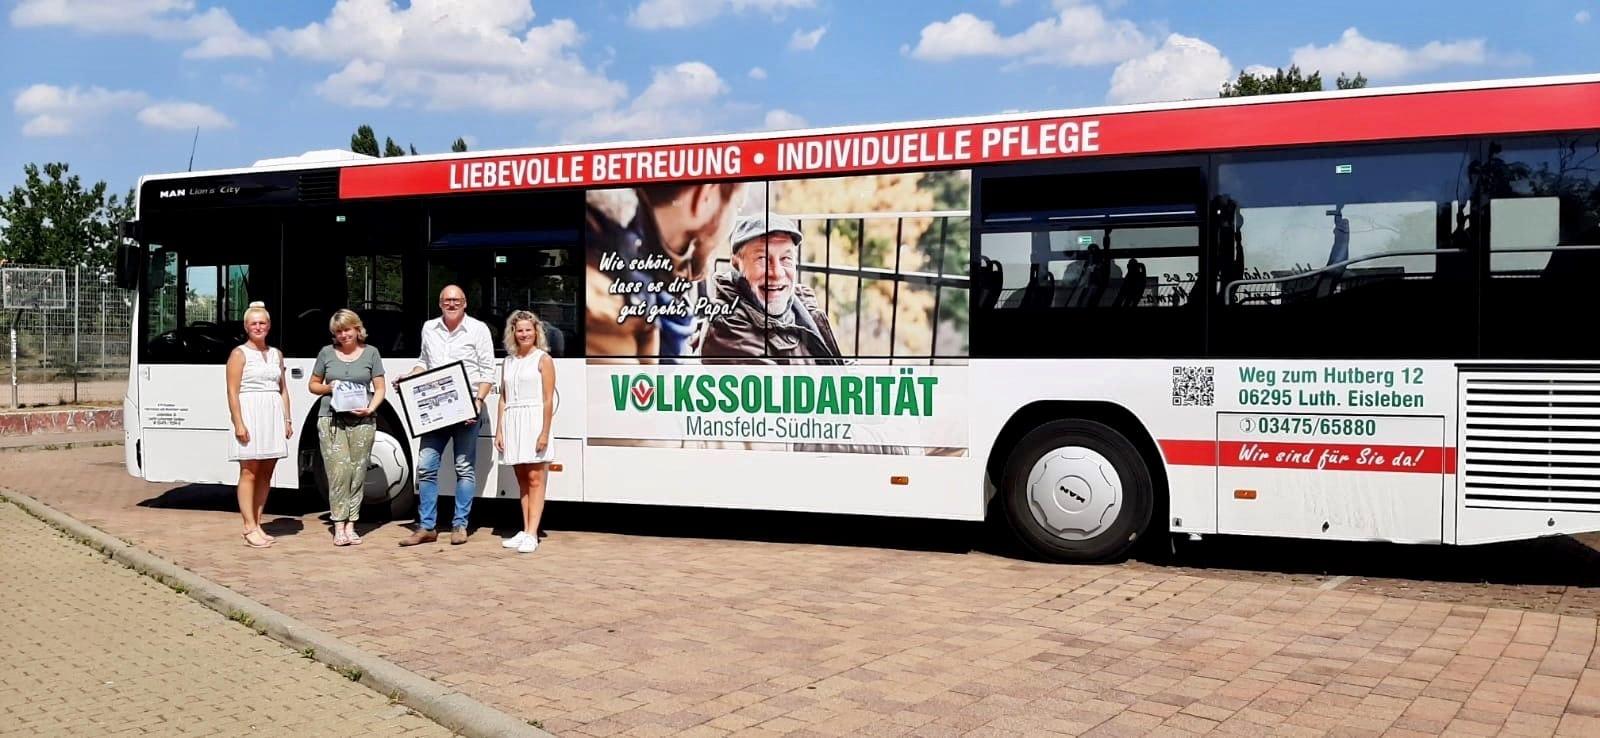 Buswerbung Volkssolidarität